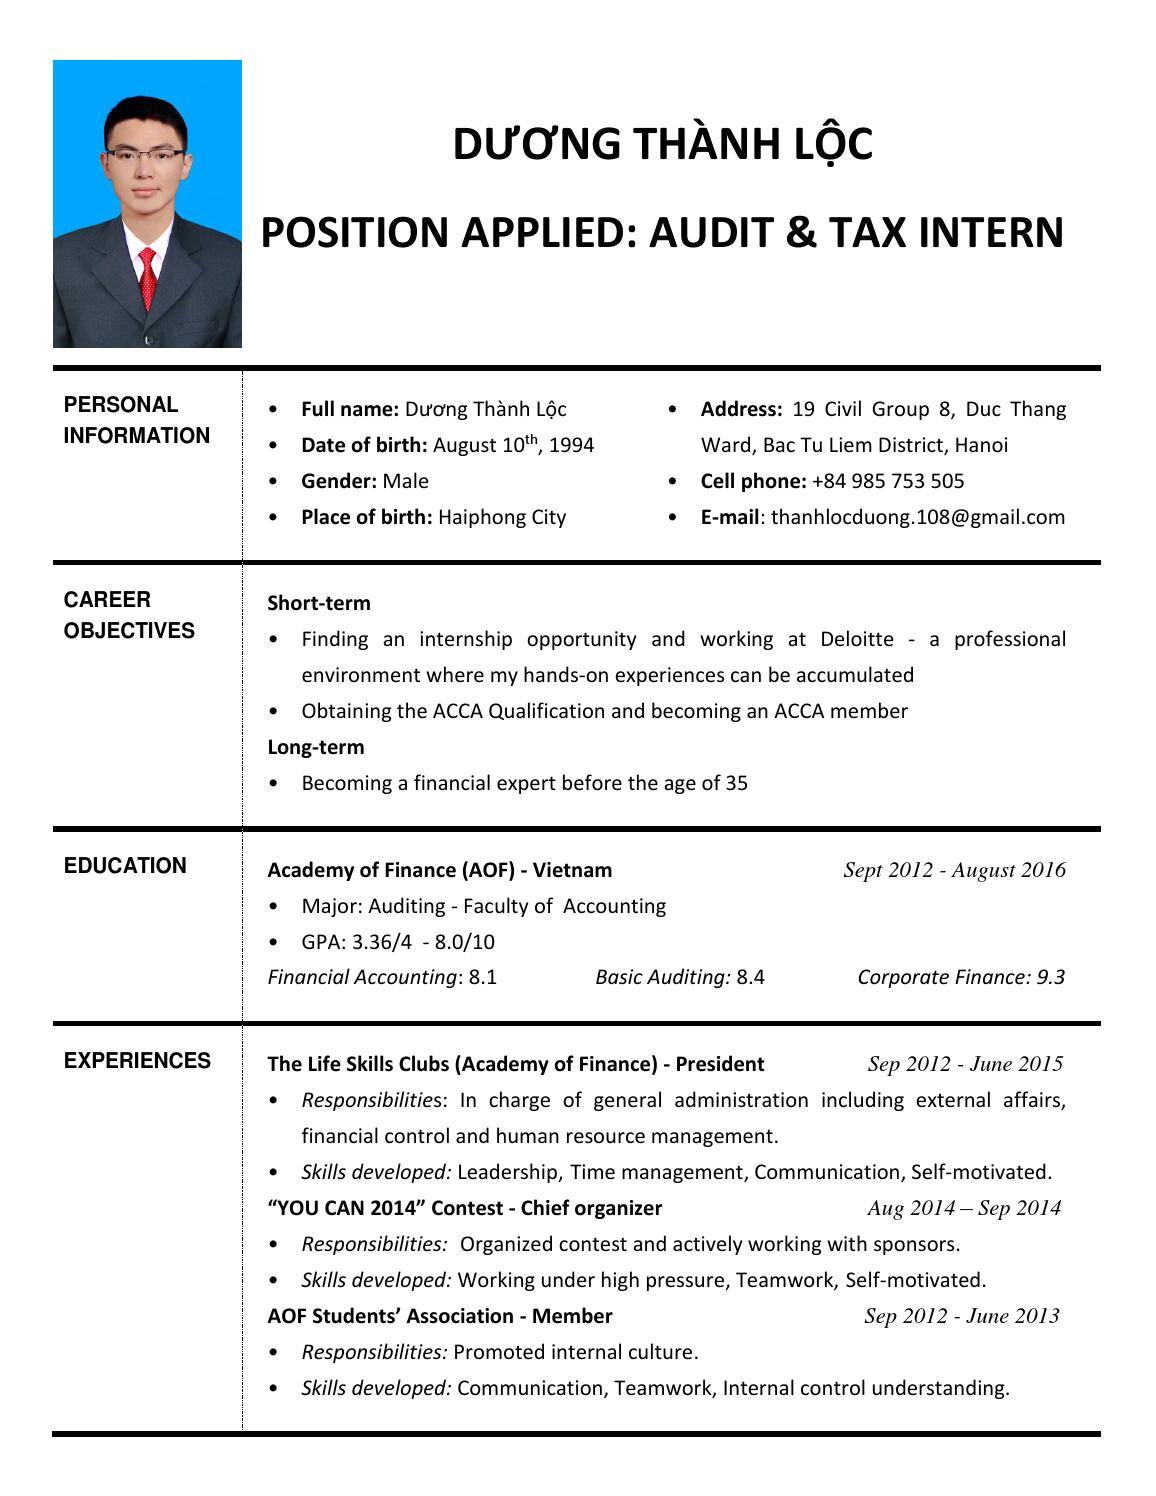 resume] dương thành lộc audit & tax intern deloitte by Linh